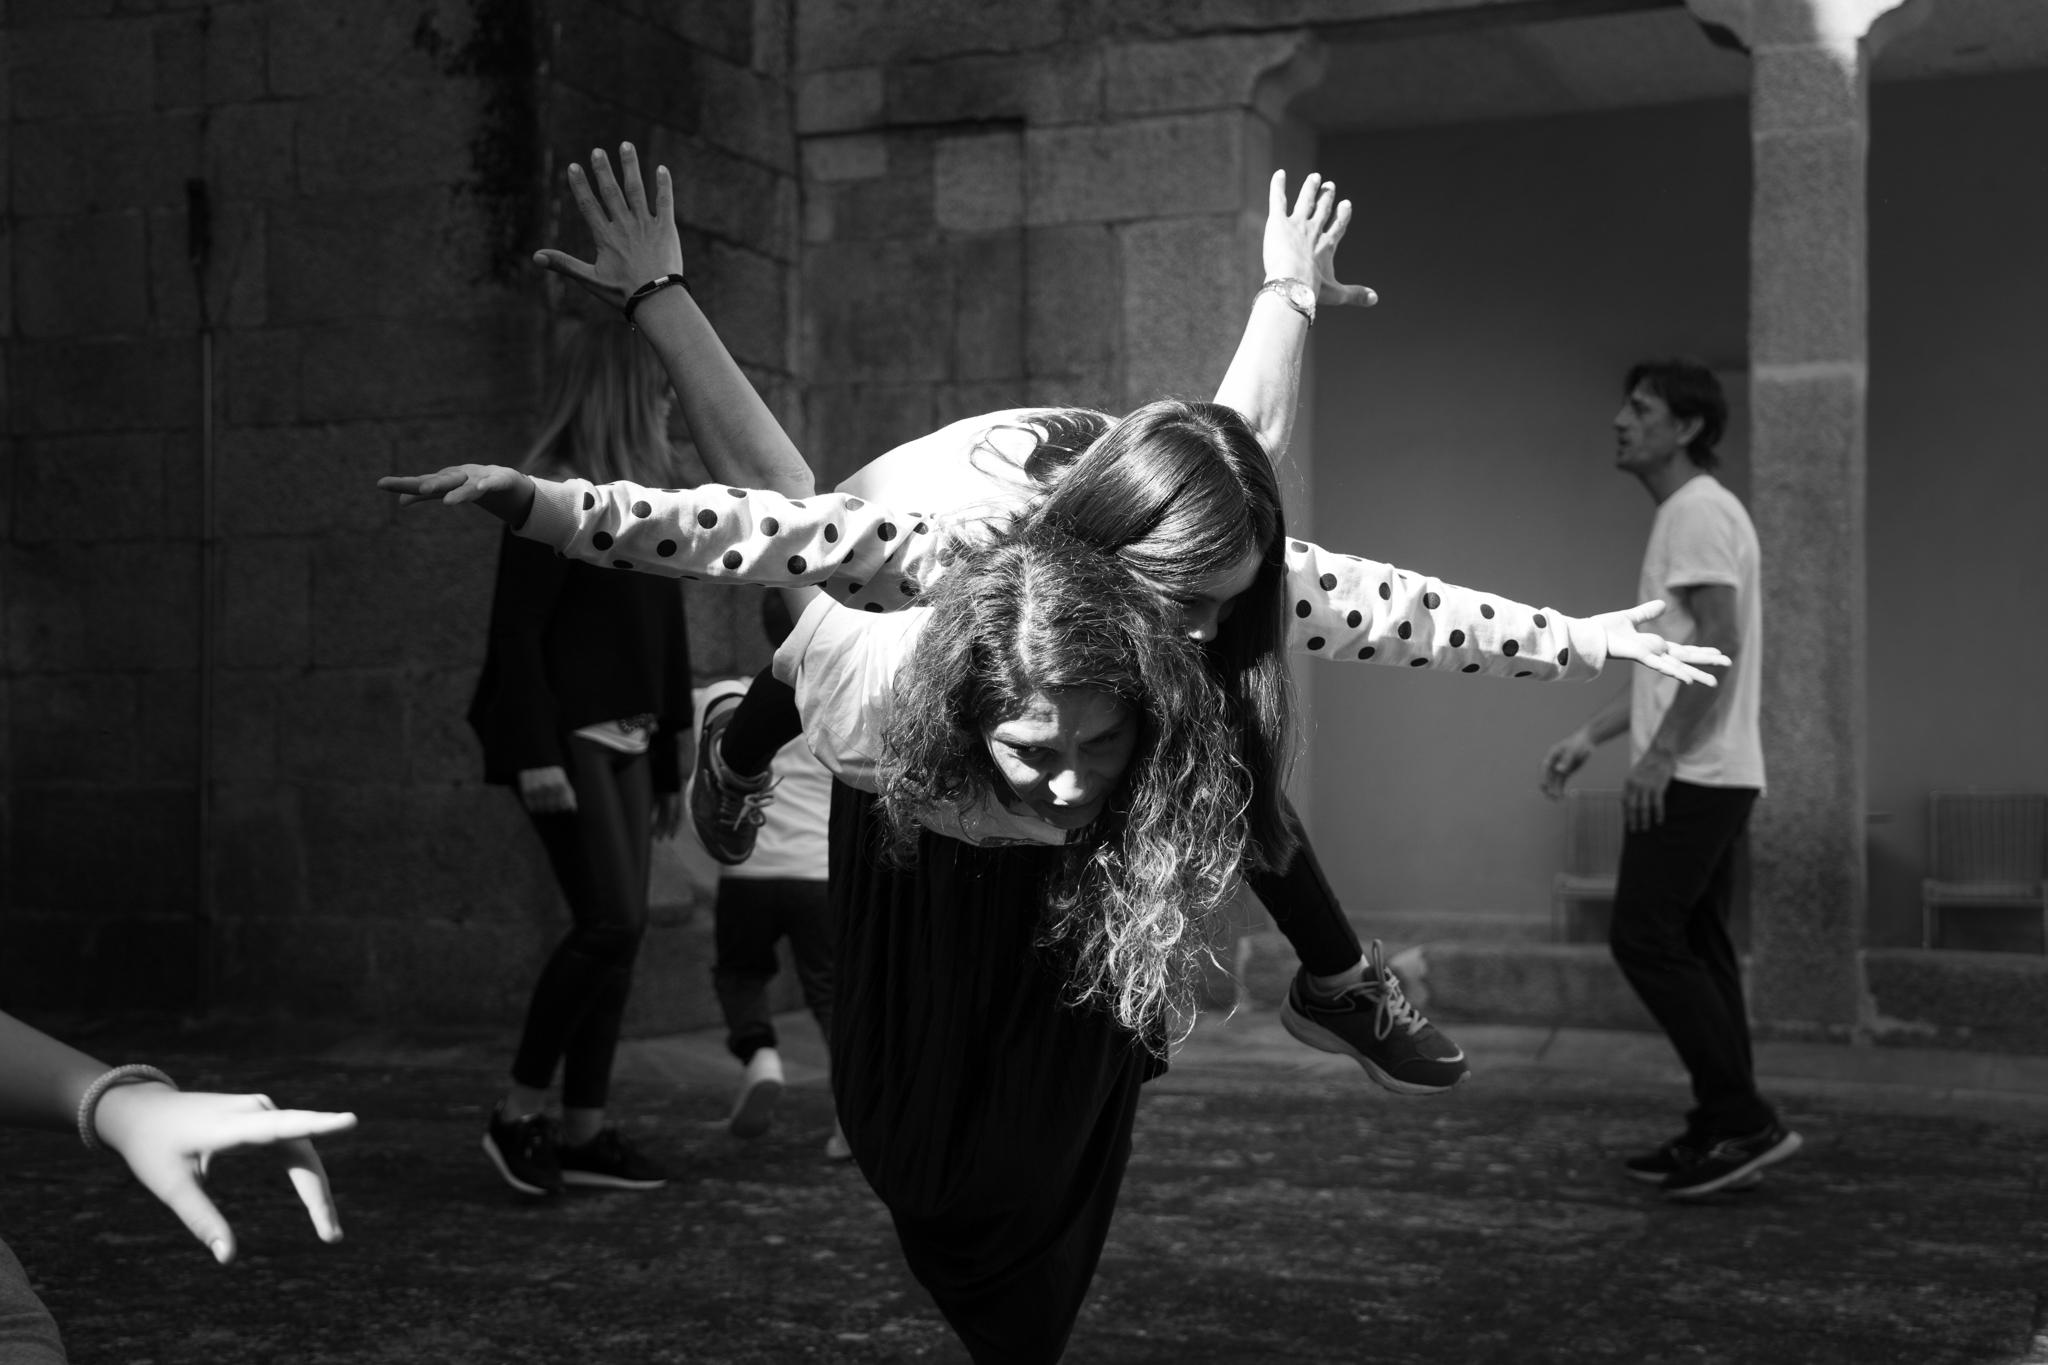 Reportagem fotográfica do Workshop Artístico de Dança do dia 12 de outubro de 2019